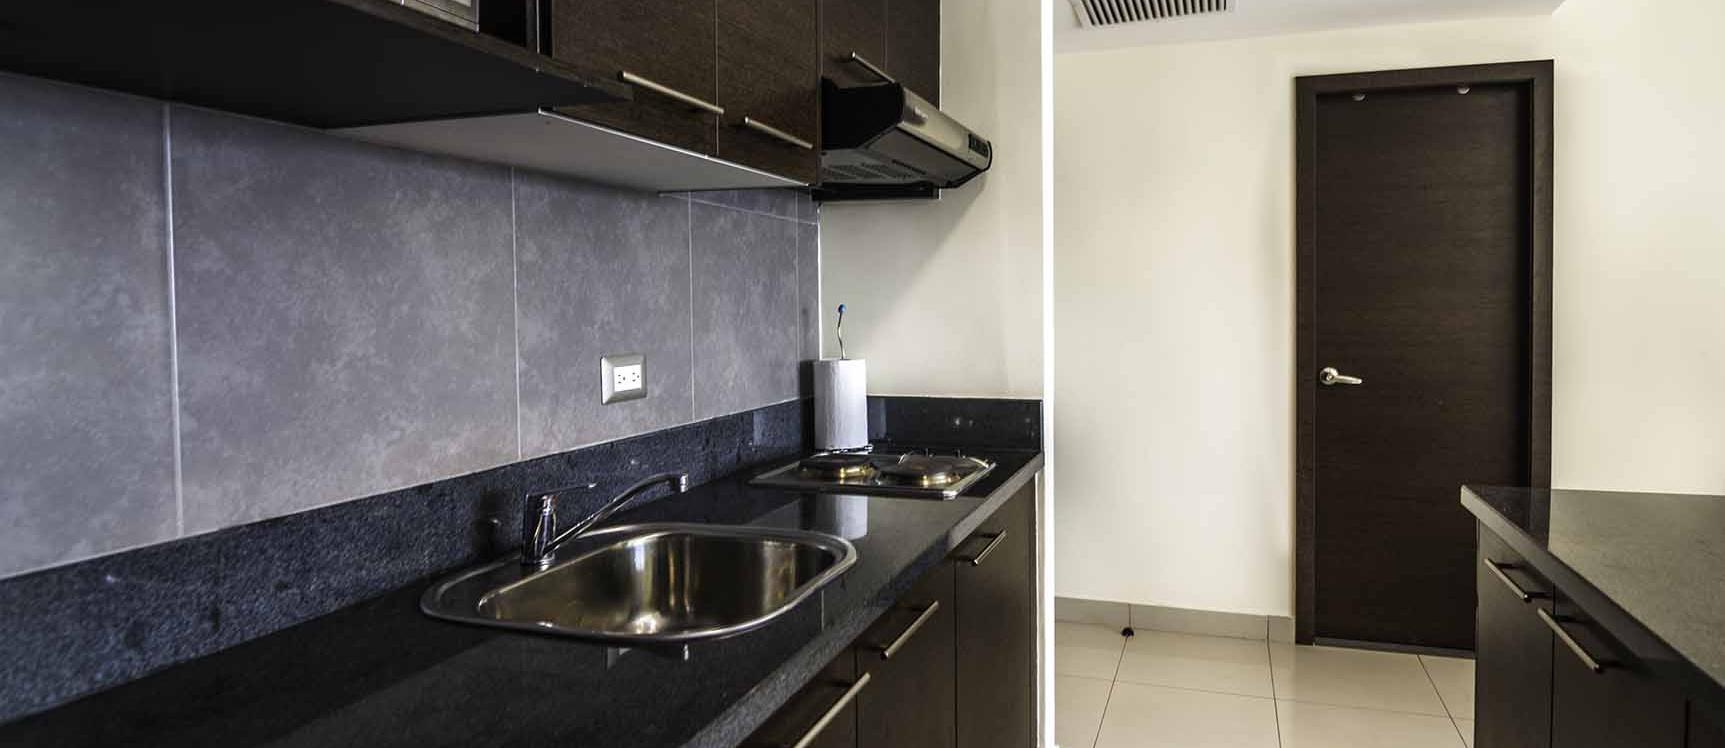 GeoBienes - Departamento en Venta en City Suites Norte de Guayaquil - Plusvalia Guayaquil Casas de venta y alquiler Inmobiliaria Ecuador